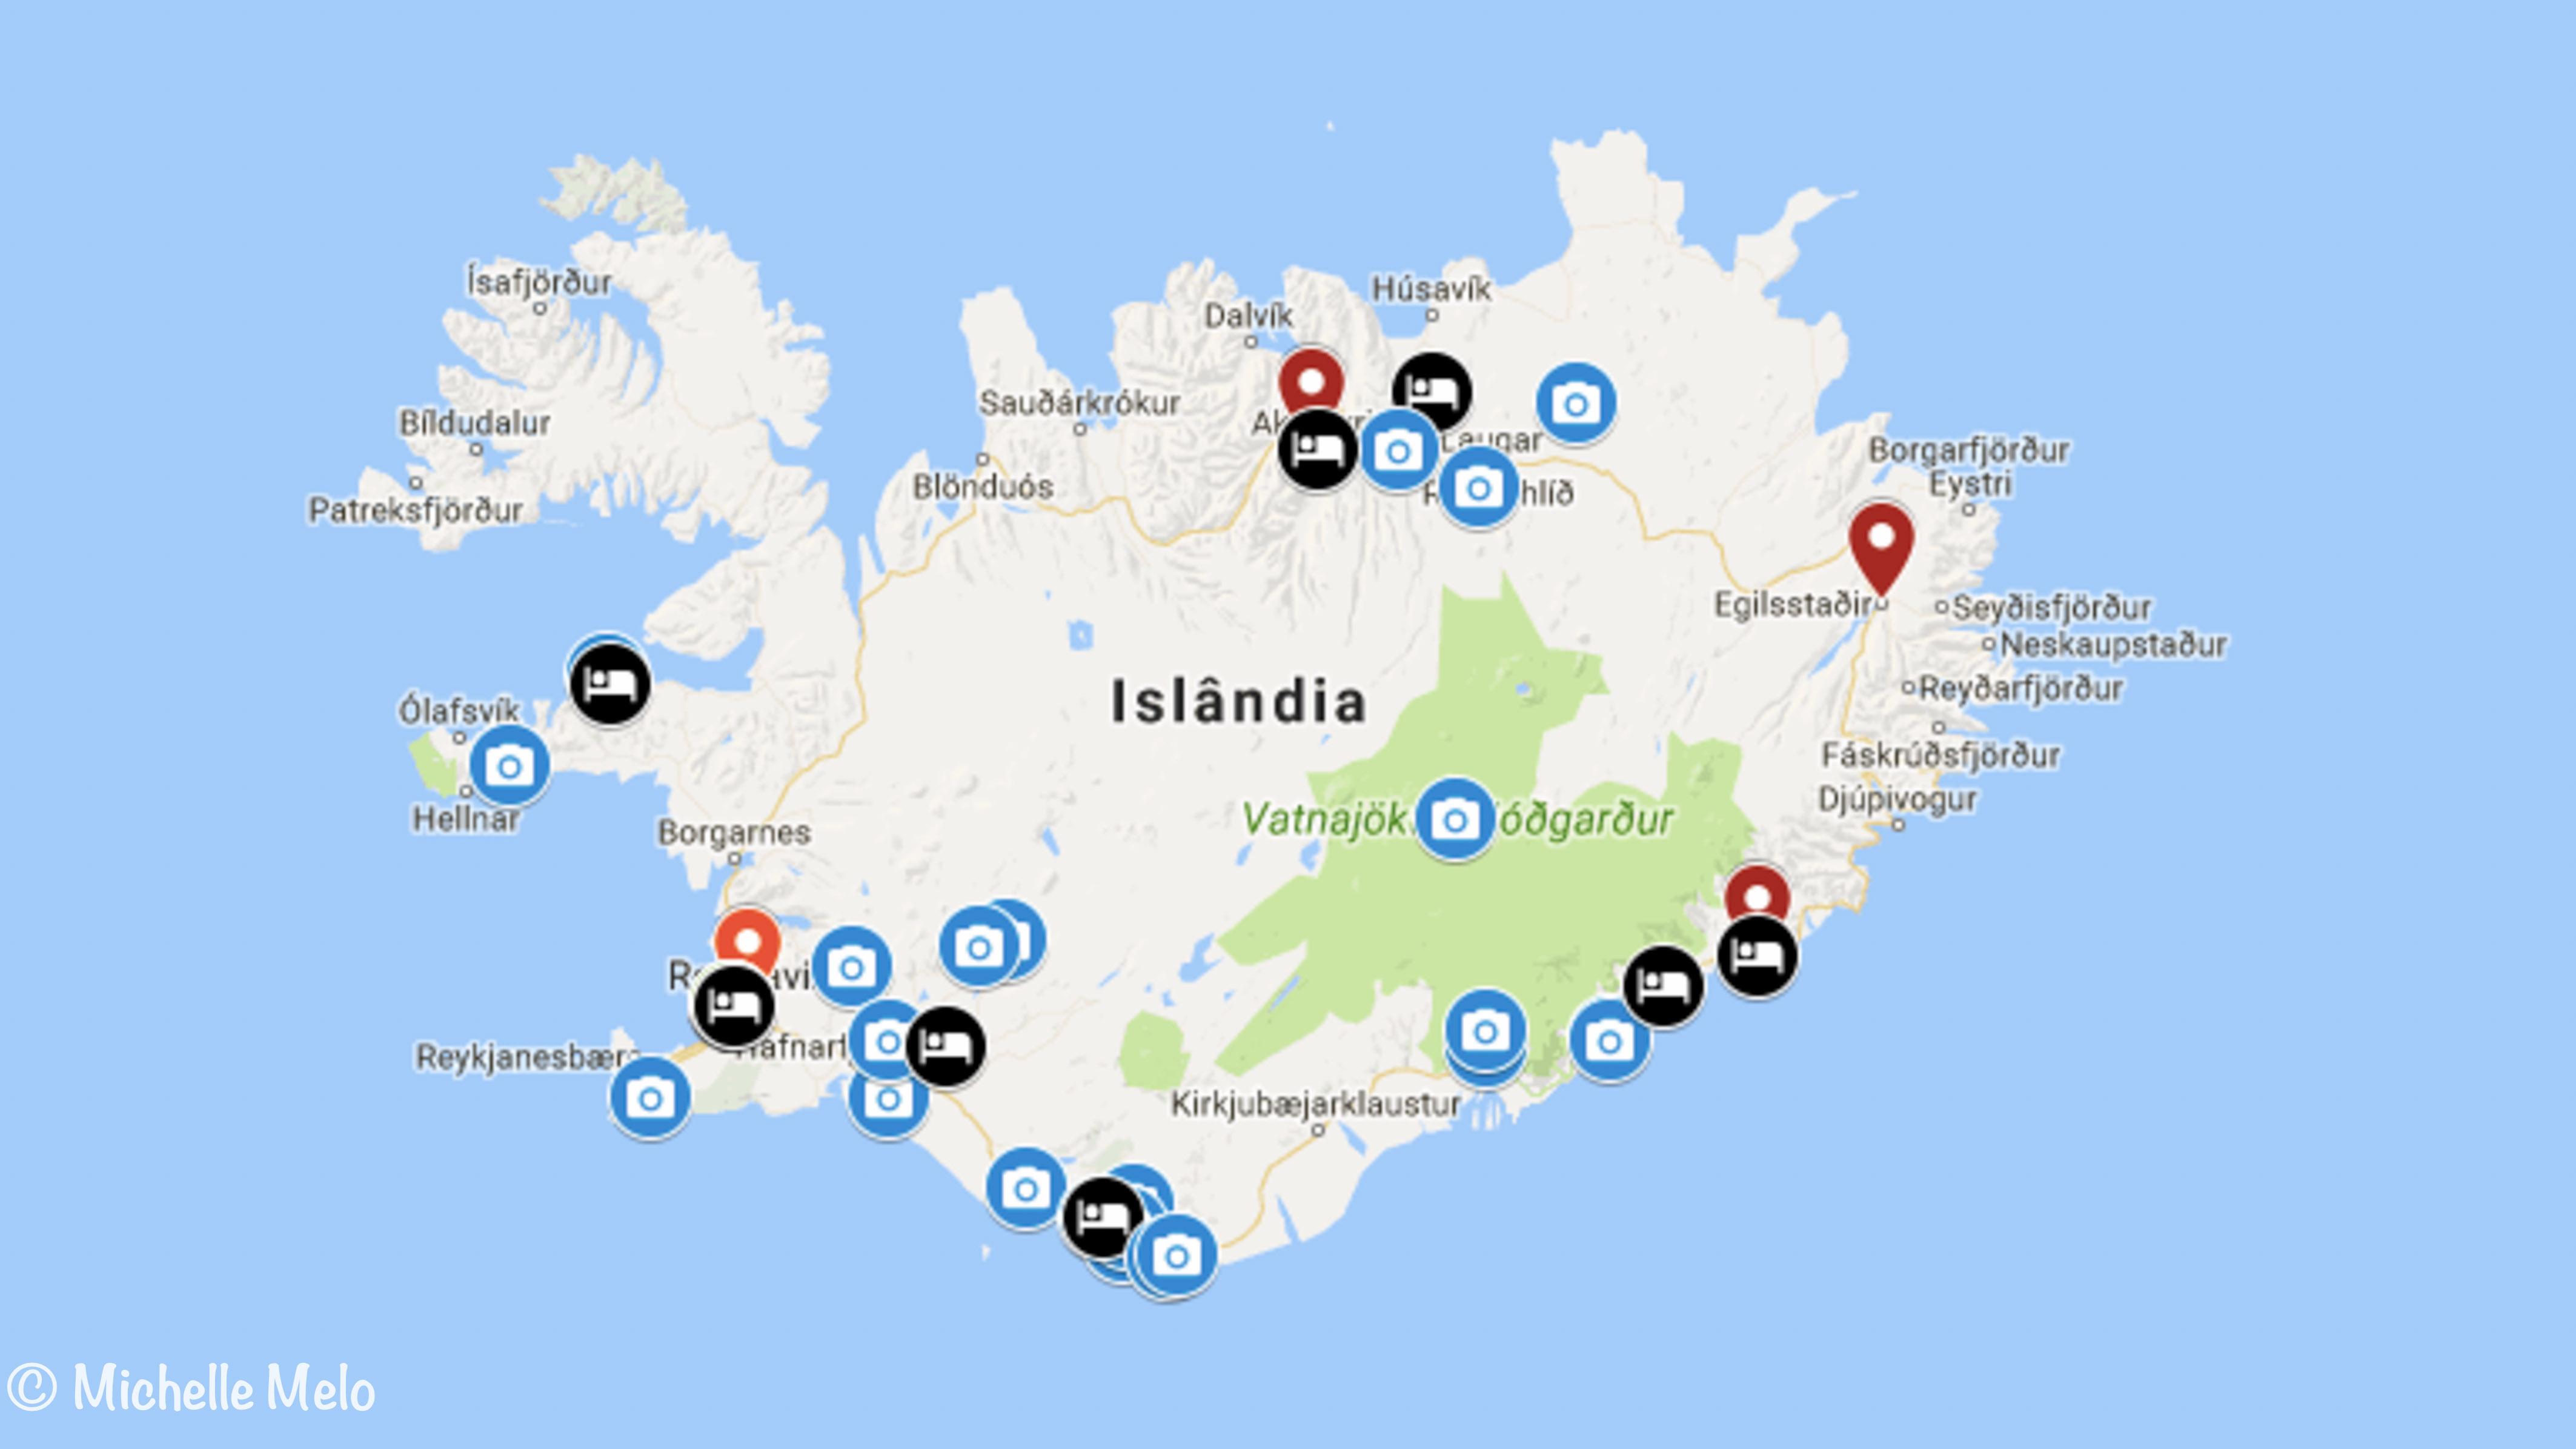 mapa-islandia-1-de-1